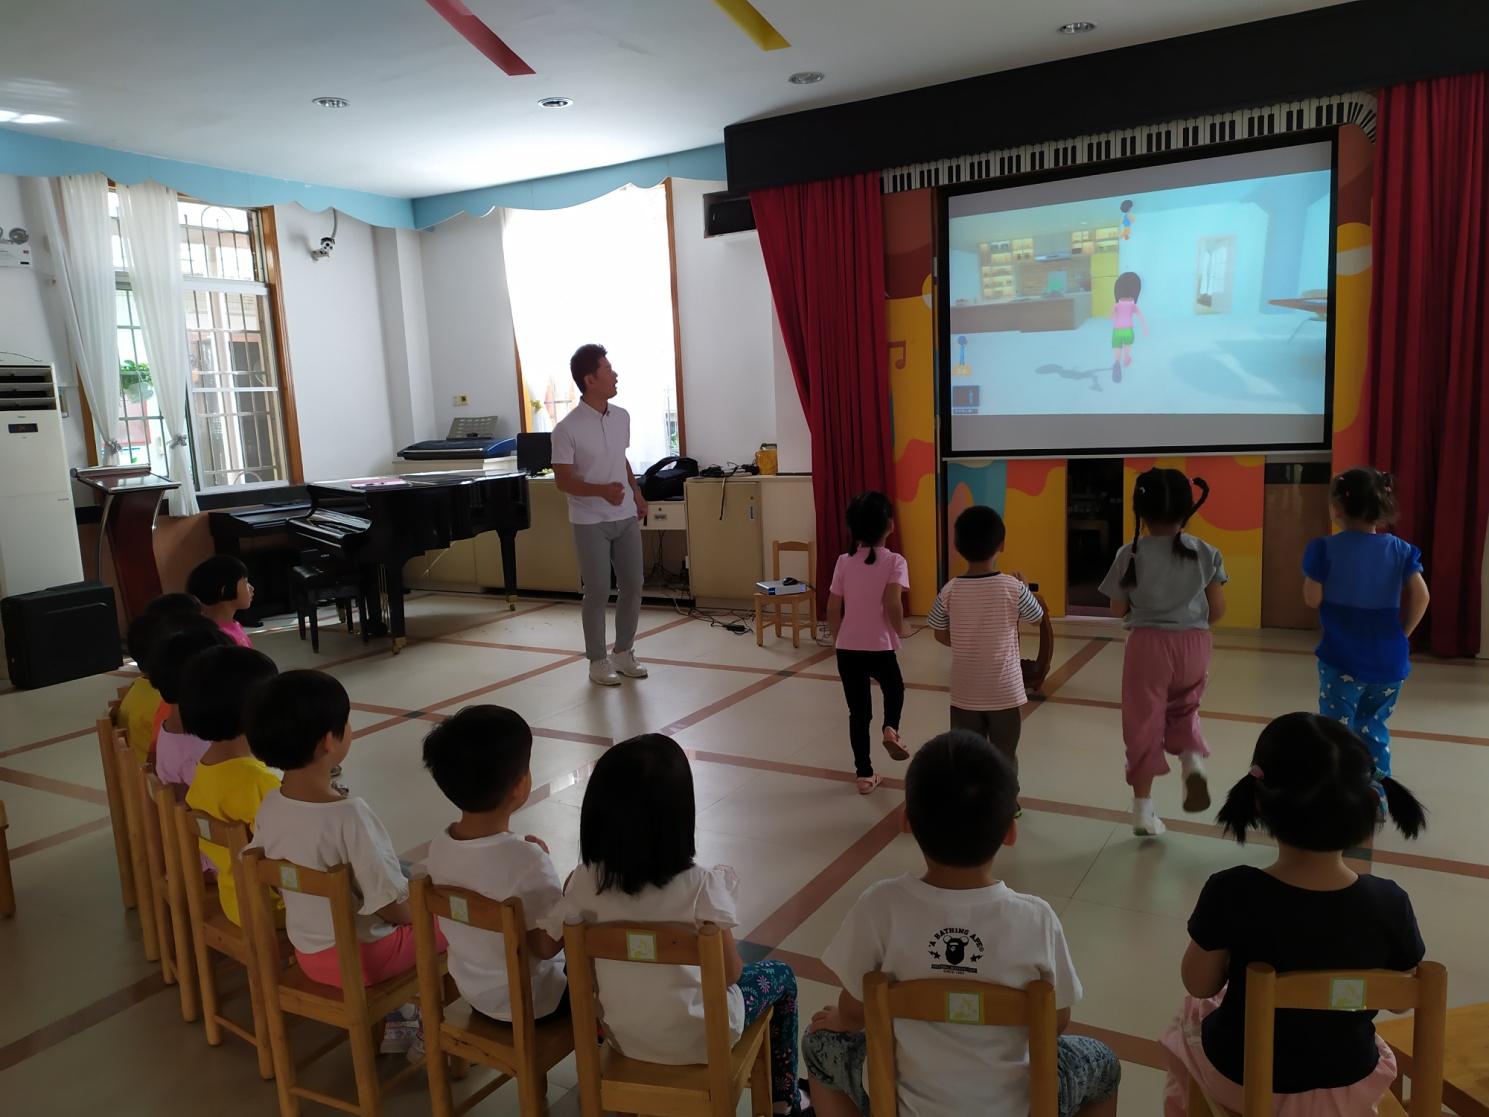 幼儿园安全教育,教学方式决定教学效果